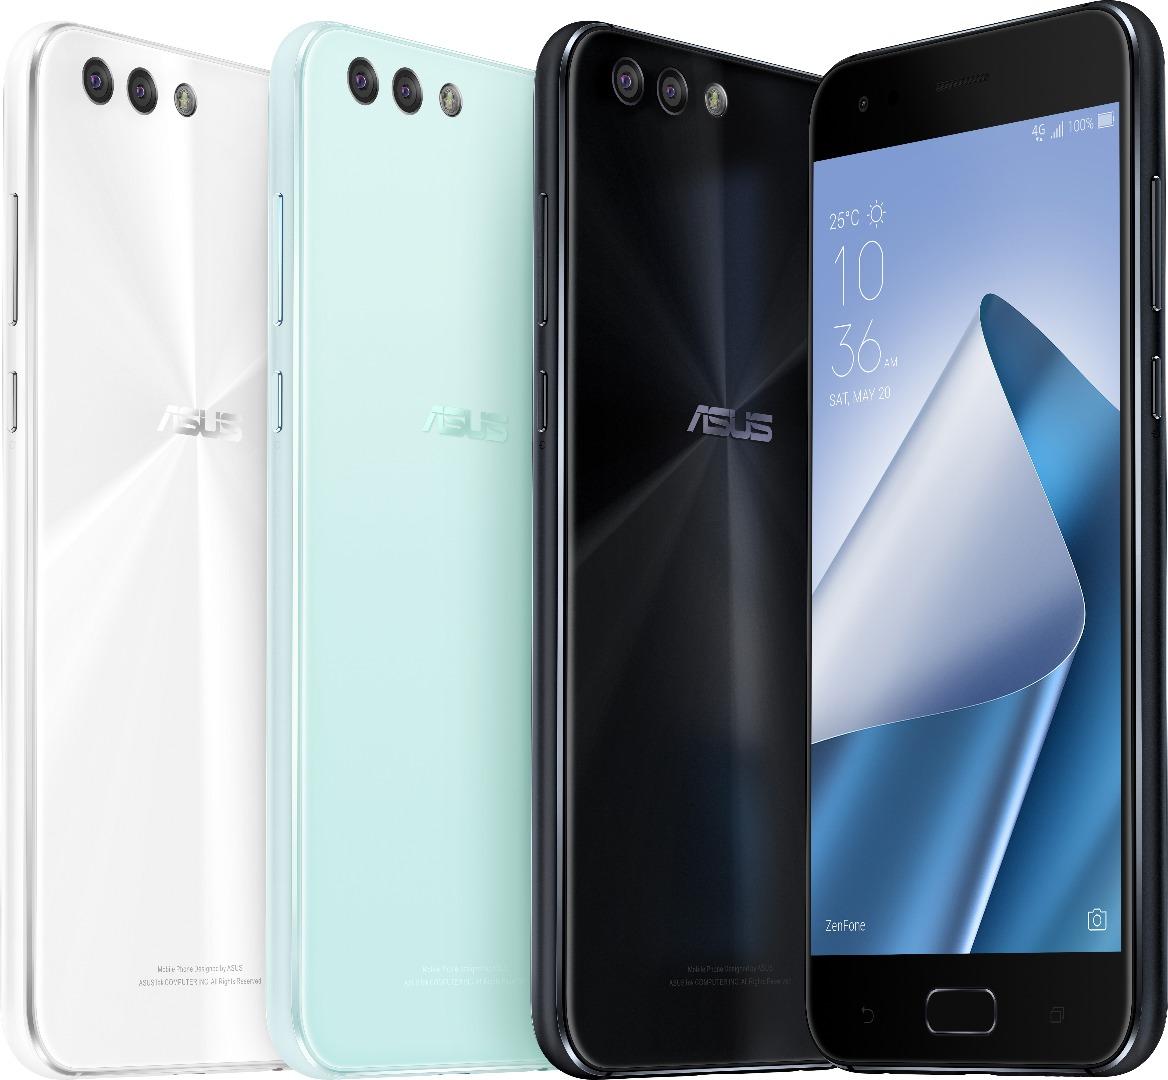 ASUS Zenfone 4 ZE554KL recibiría Android 8.0 Oreo antes de acabado el mes de diciembre